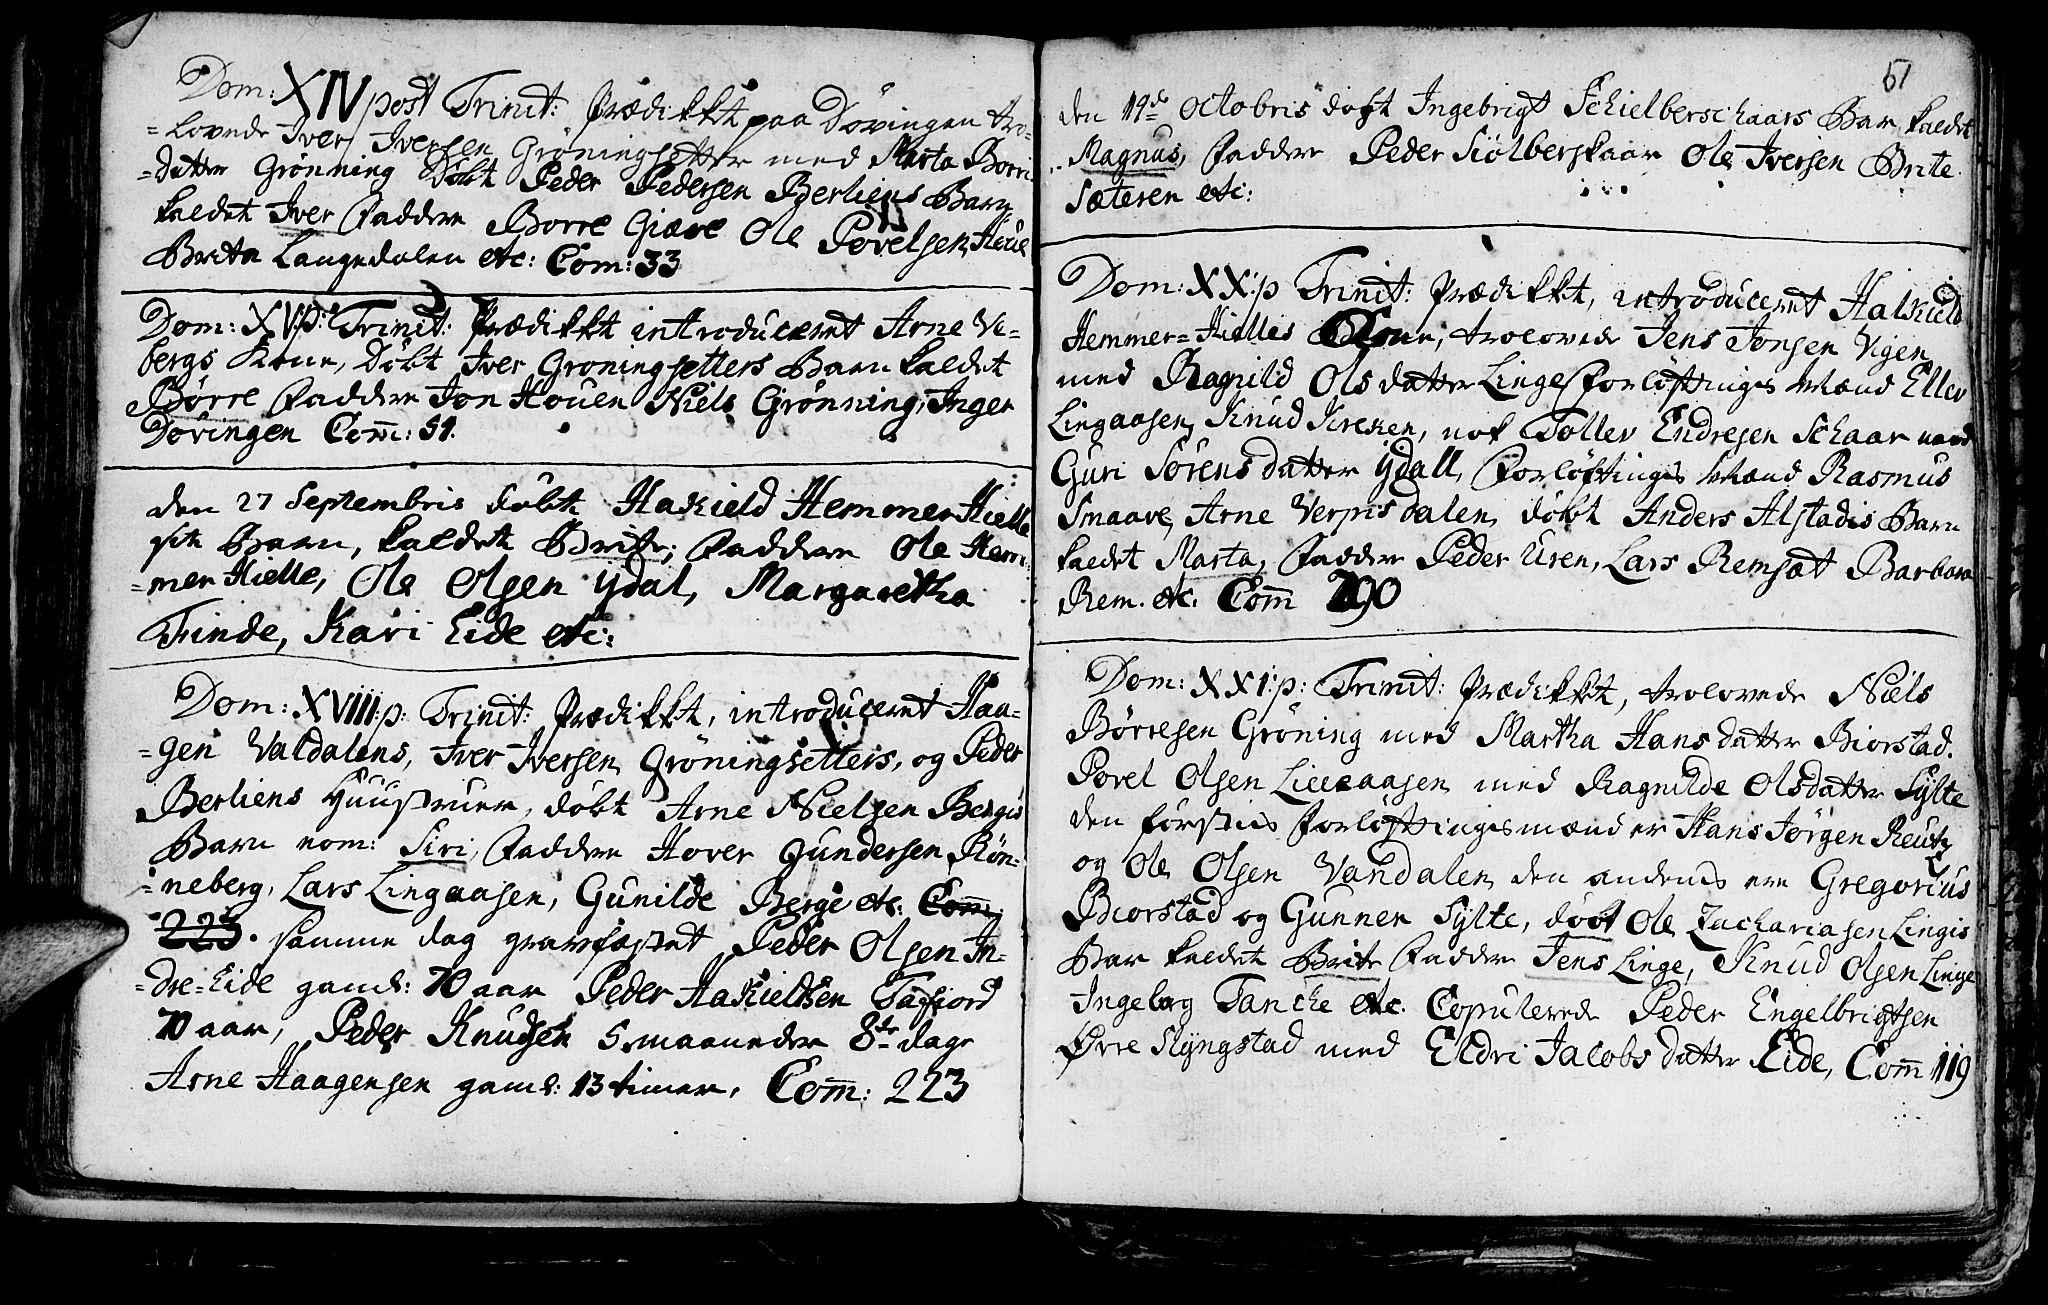 SAT, Ministerialprotokoller, klokkerbøker og fødselsregistre - Møre og Romsdal, 519/L0240: Parish register (official) no. 519A01 /1, 1736-1760, p. 51